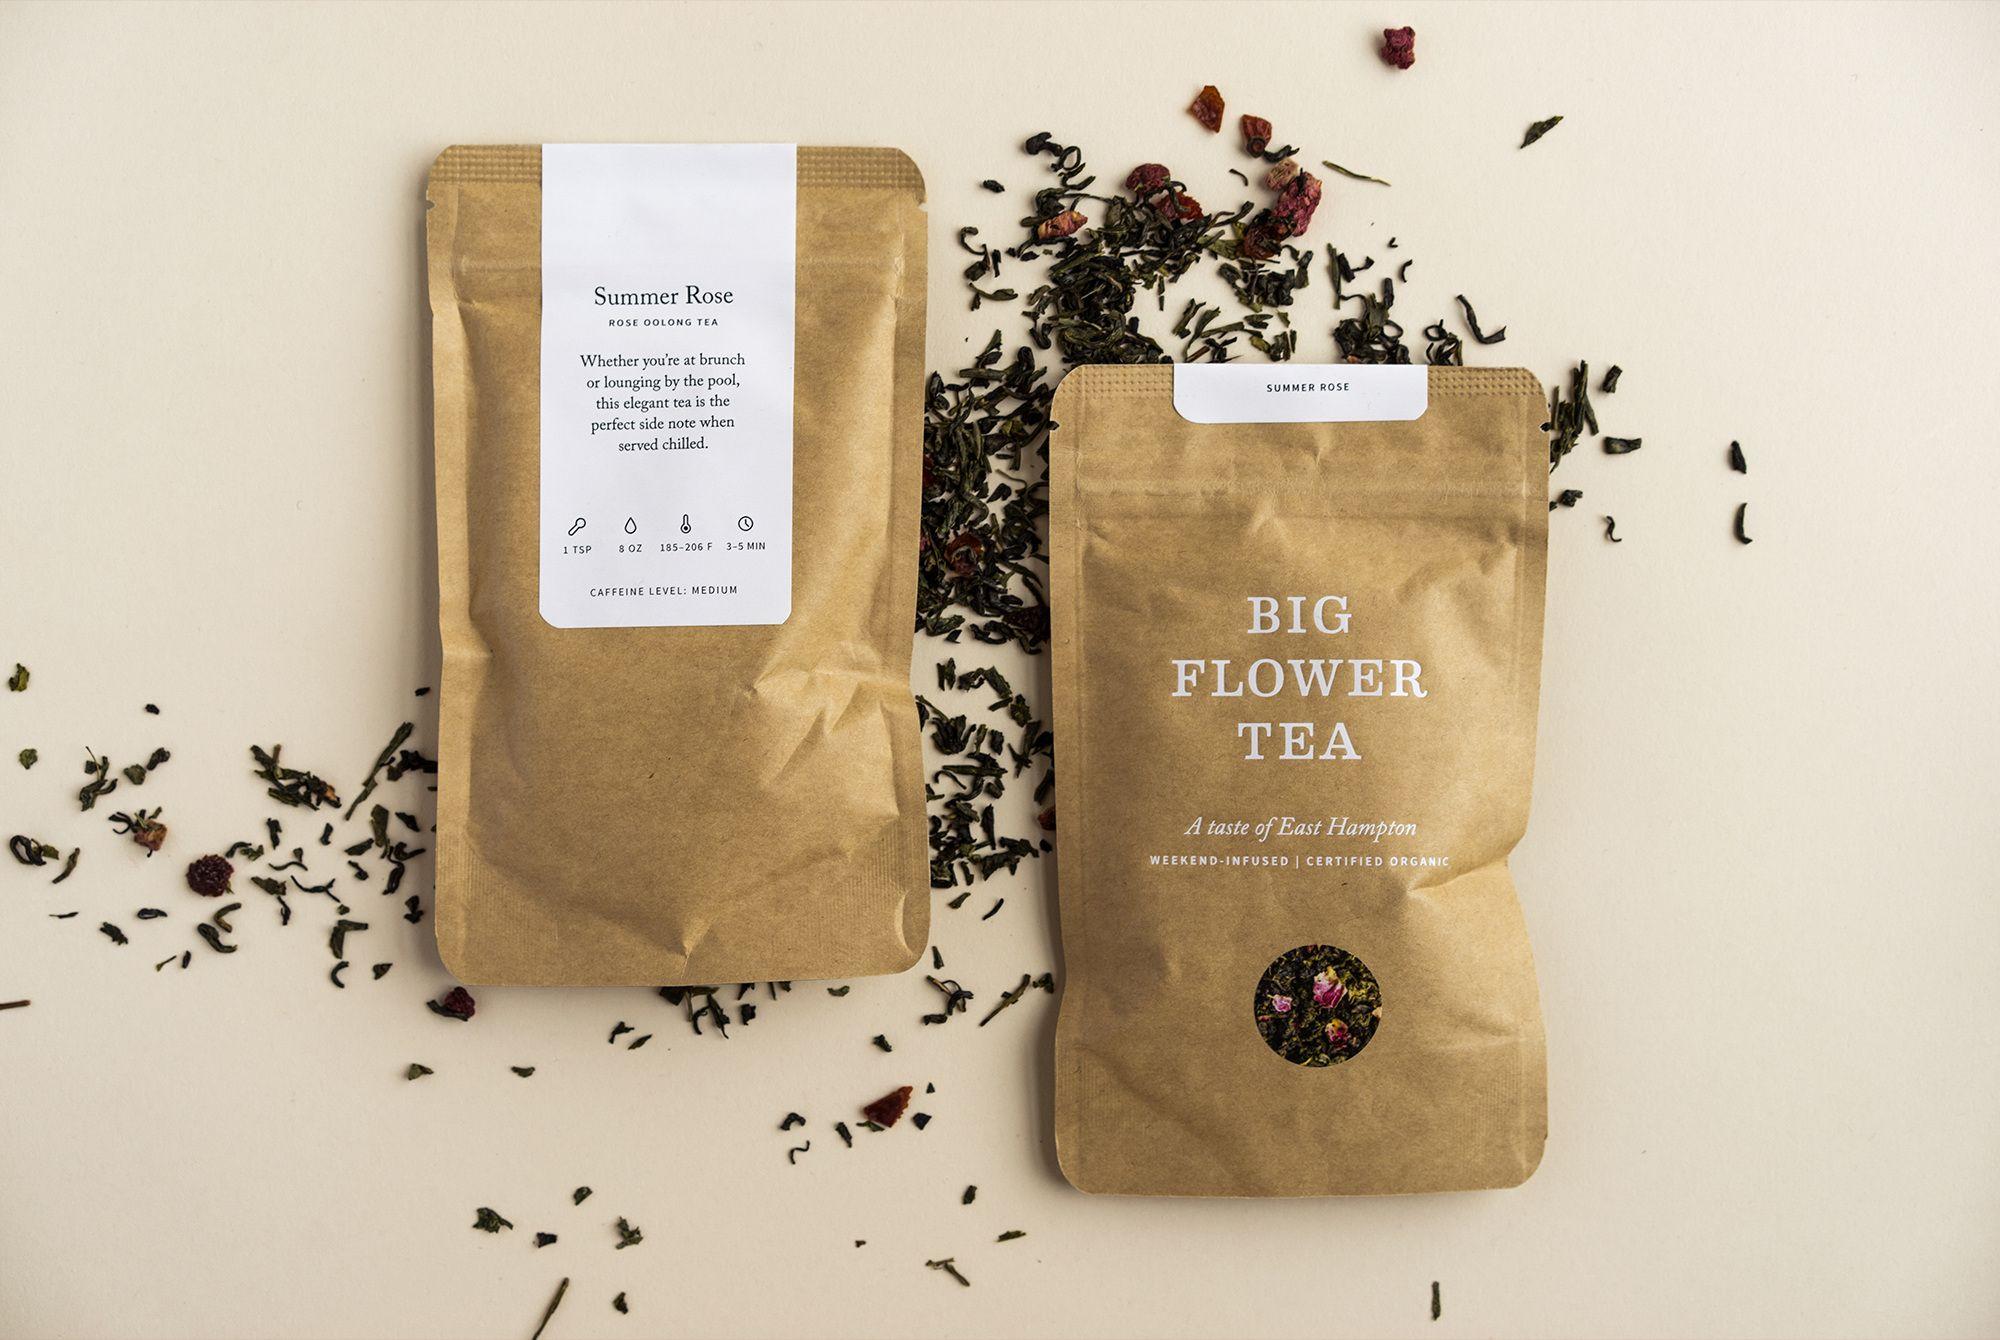 Big Flower Tea Maude Paquette Boulva Flower Tea Tea Packaging